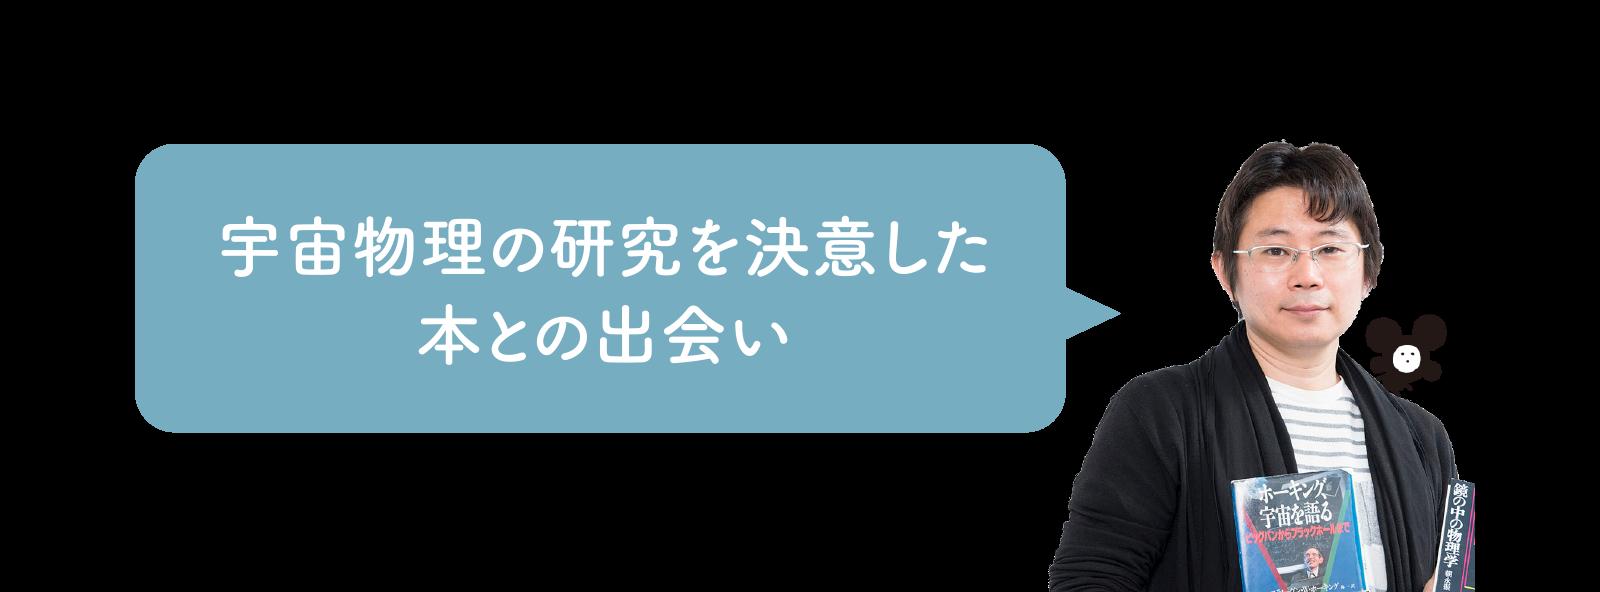 「宇宙物理の研究を決意した、本との出会い」長瀧重博博士インタビュー